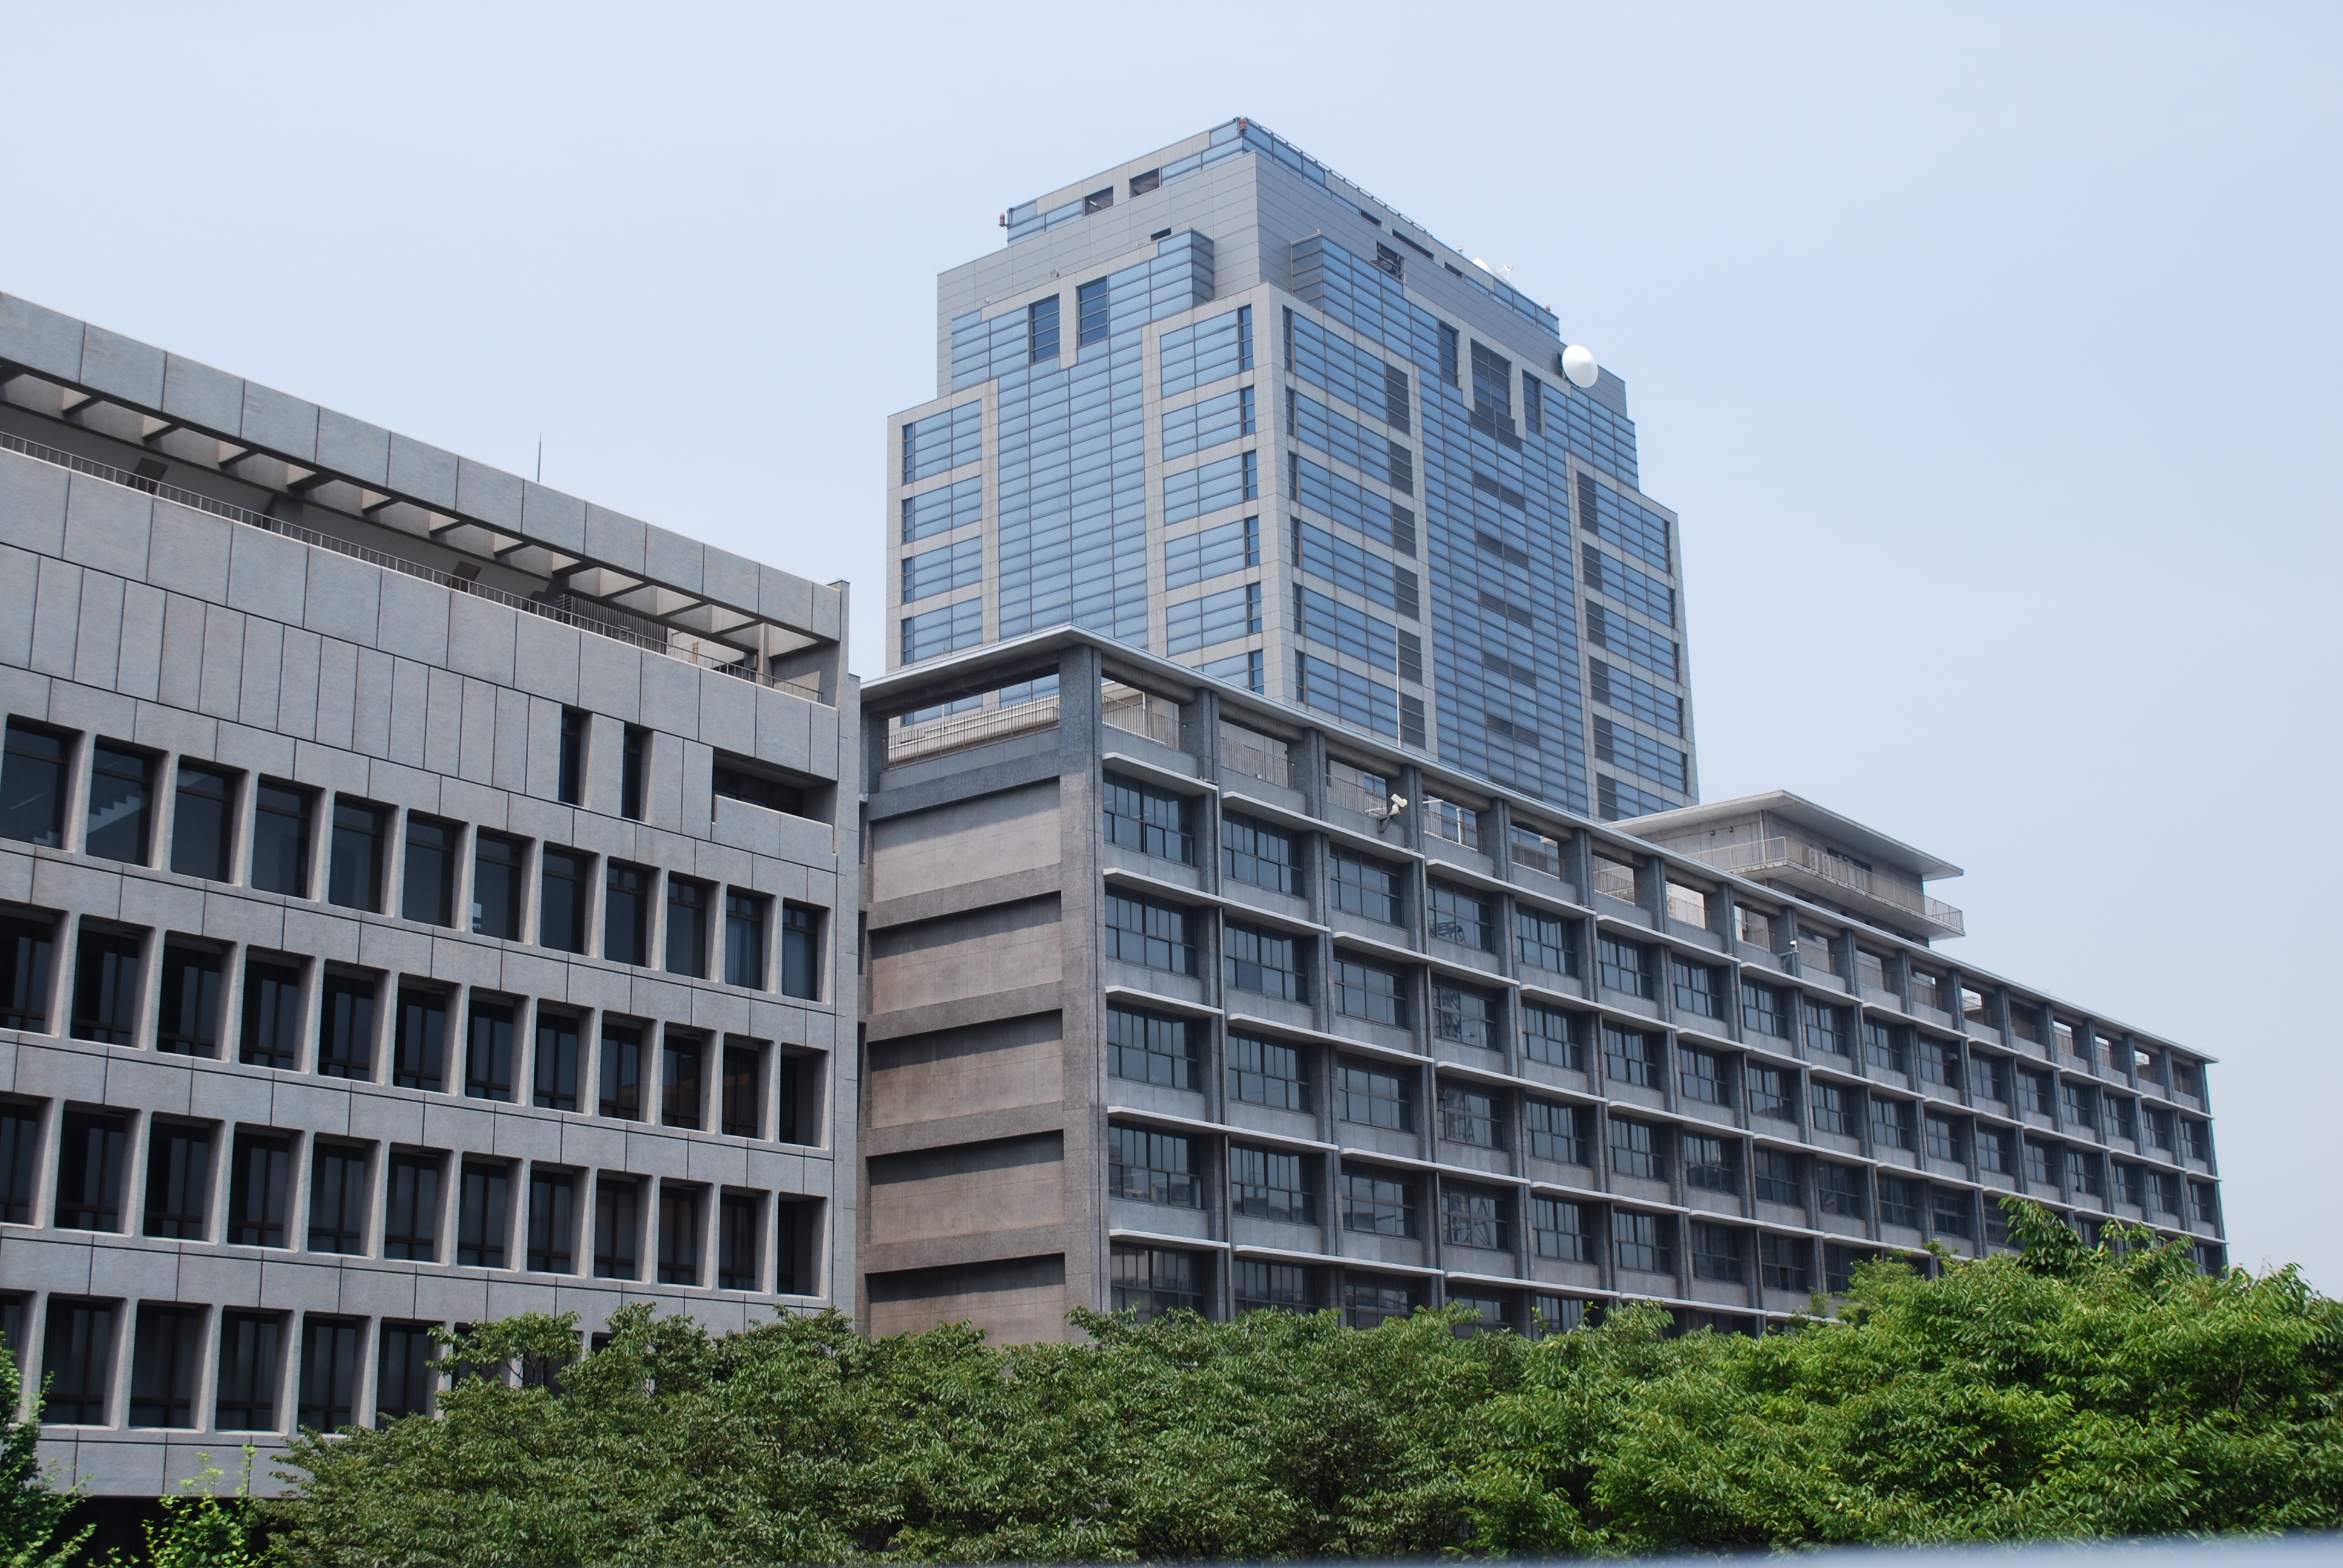 県庁 千葉 2021年 千葉県庁